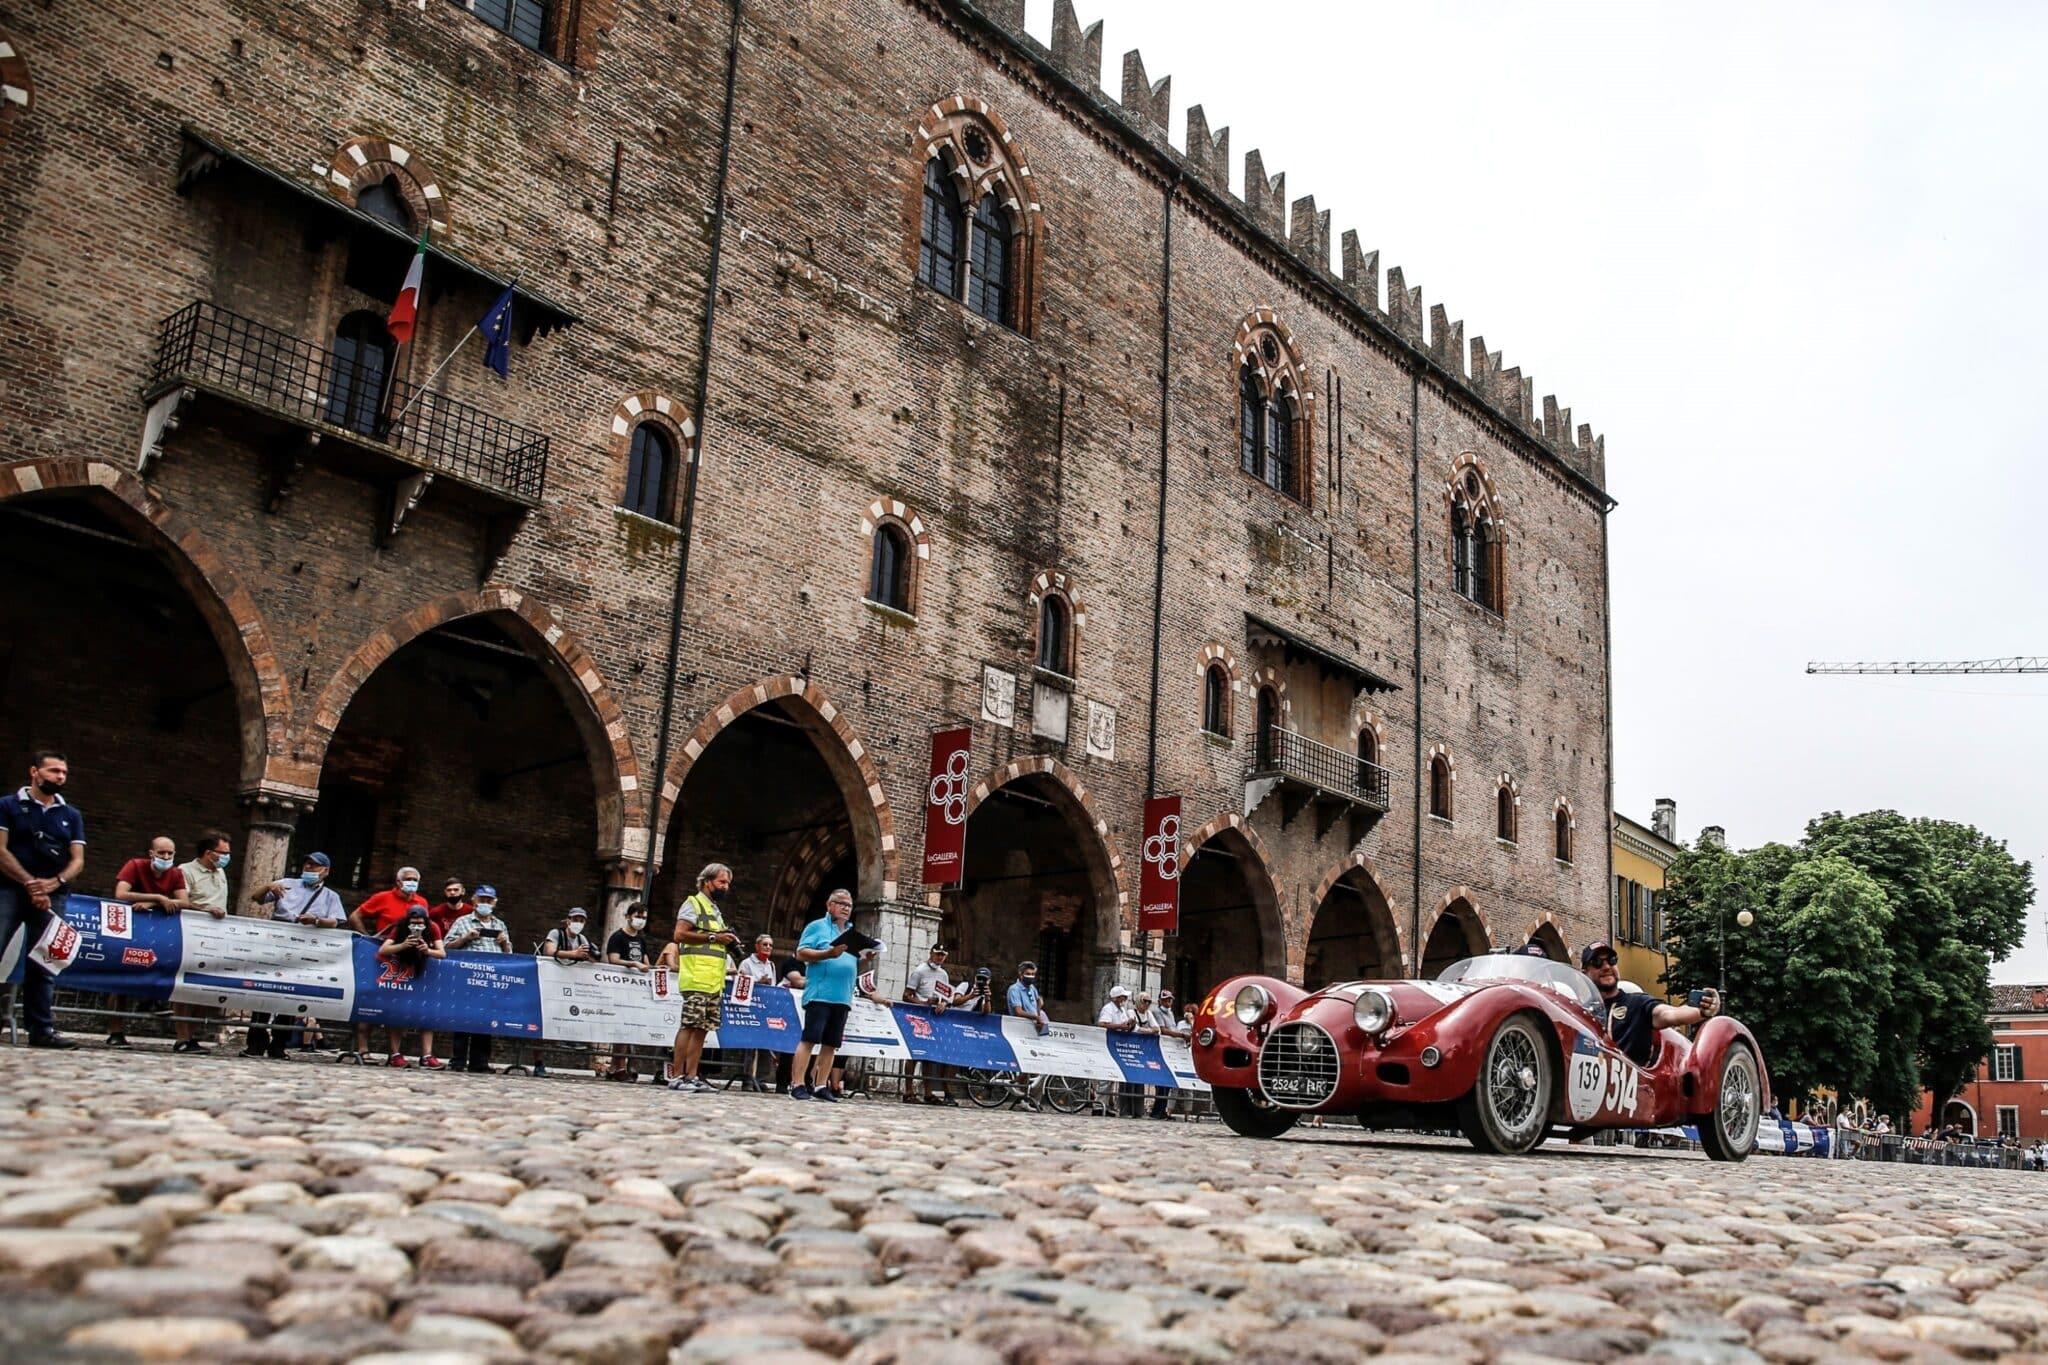 Stanguellini 1100 Sport de 1948 durante la Mille Miglia (Italia).